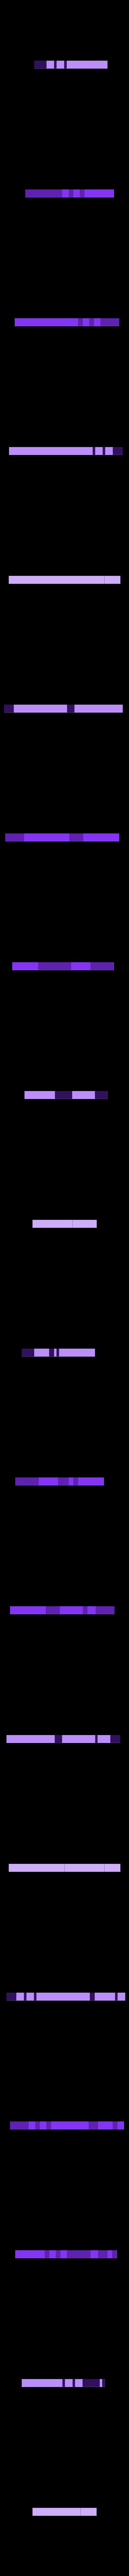 KeyNES.stl Télécharger fichier STL gratuit Zelda NES Clé • Modèle pour imprimante 3D, Hoofbaugh